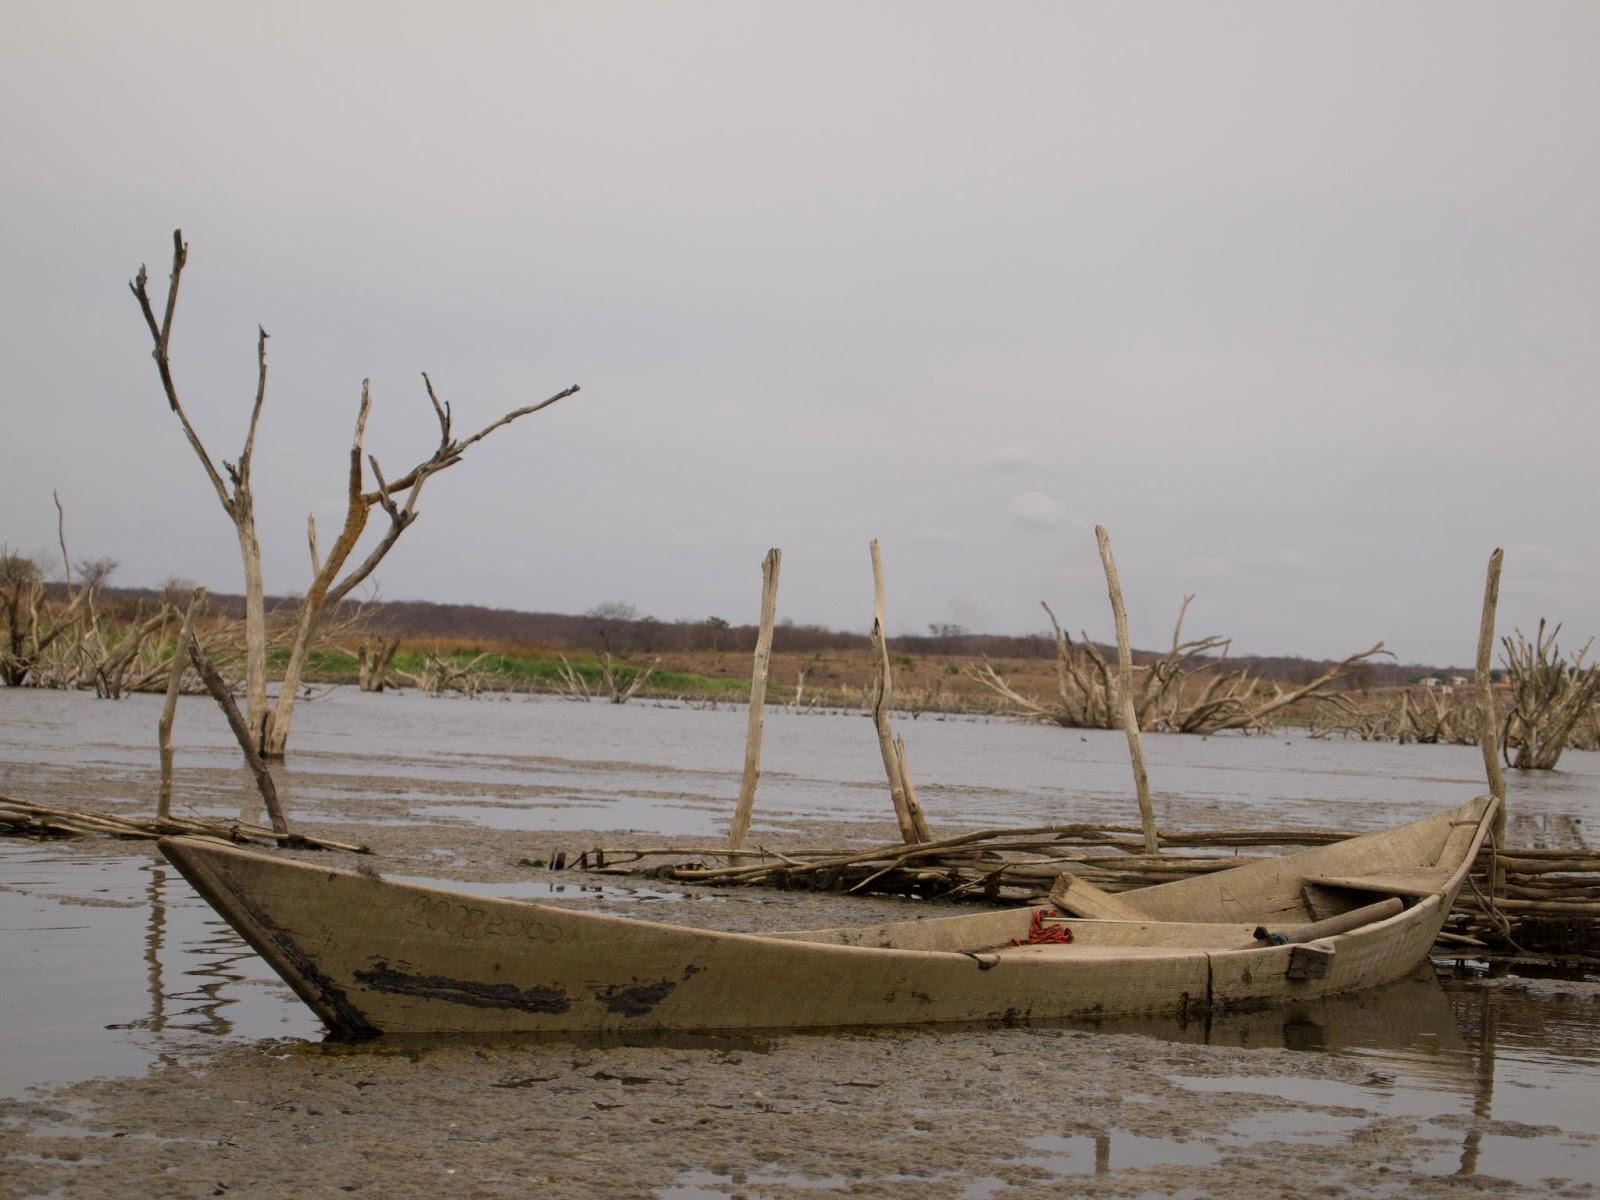 Se o colapso hídrico chegar, Ceará tem muito a aprender com São Paulo e Espírito Santo